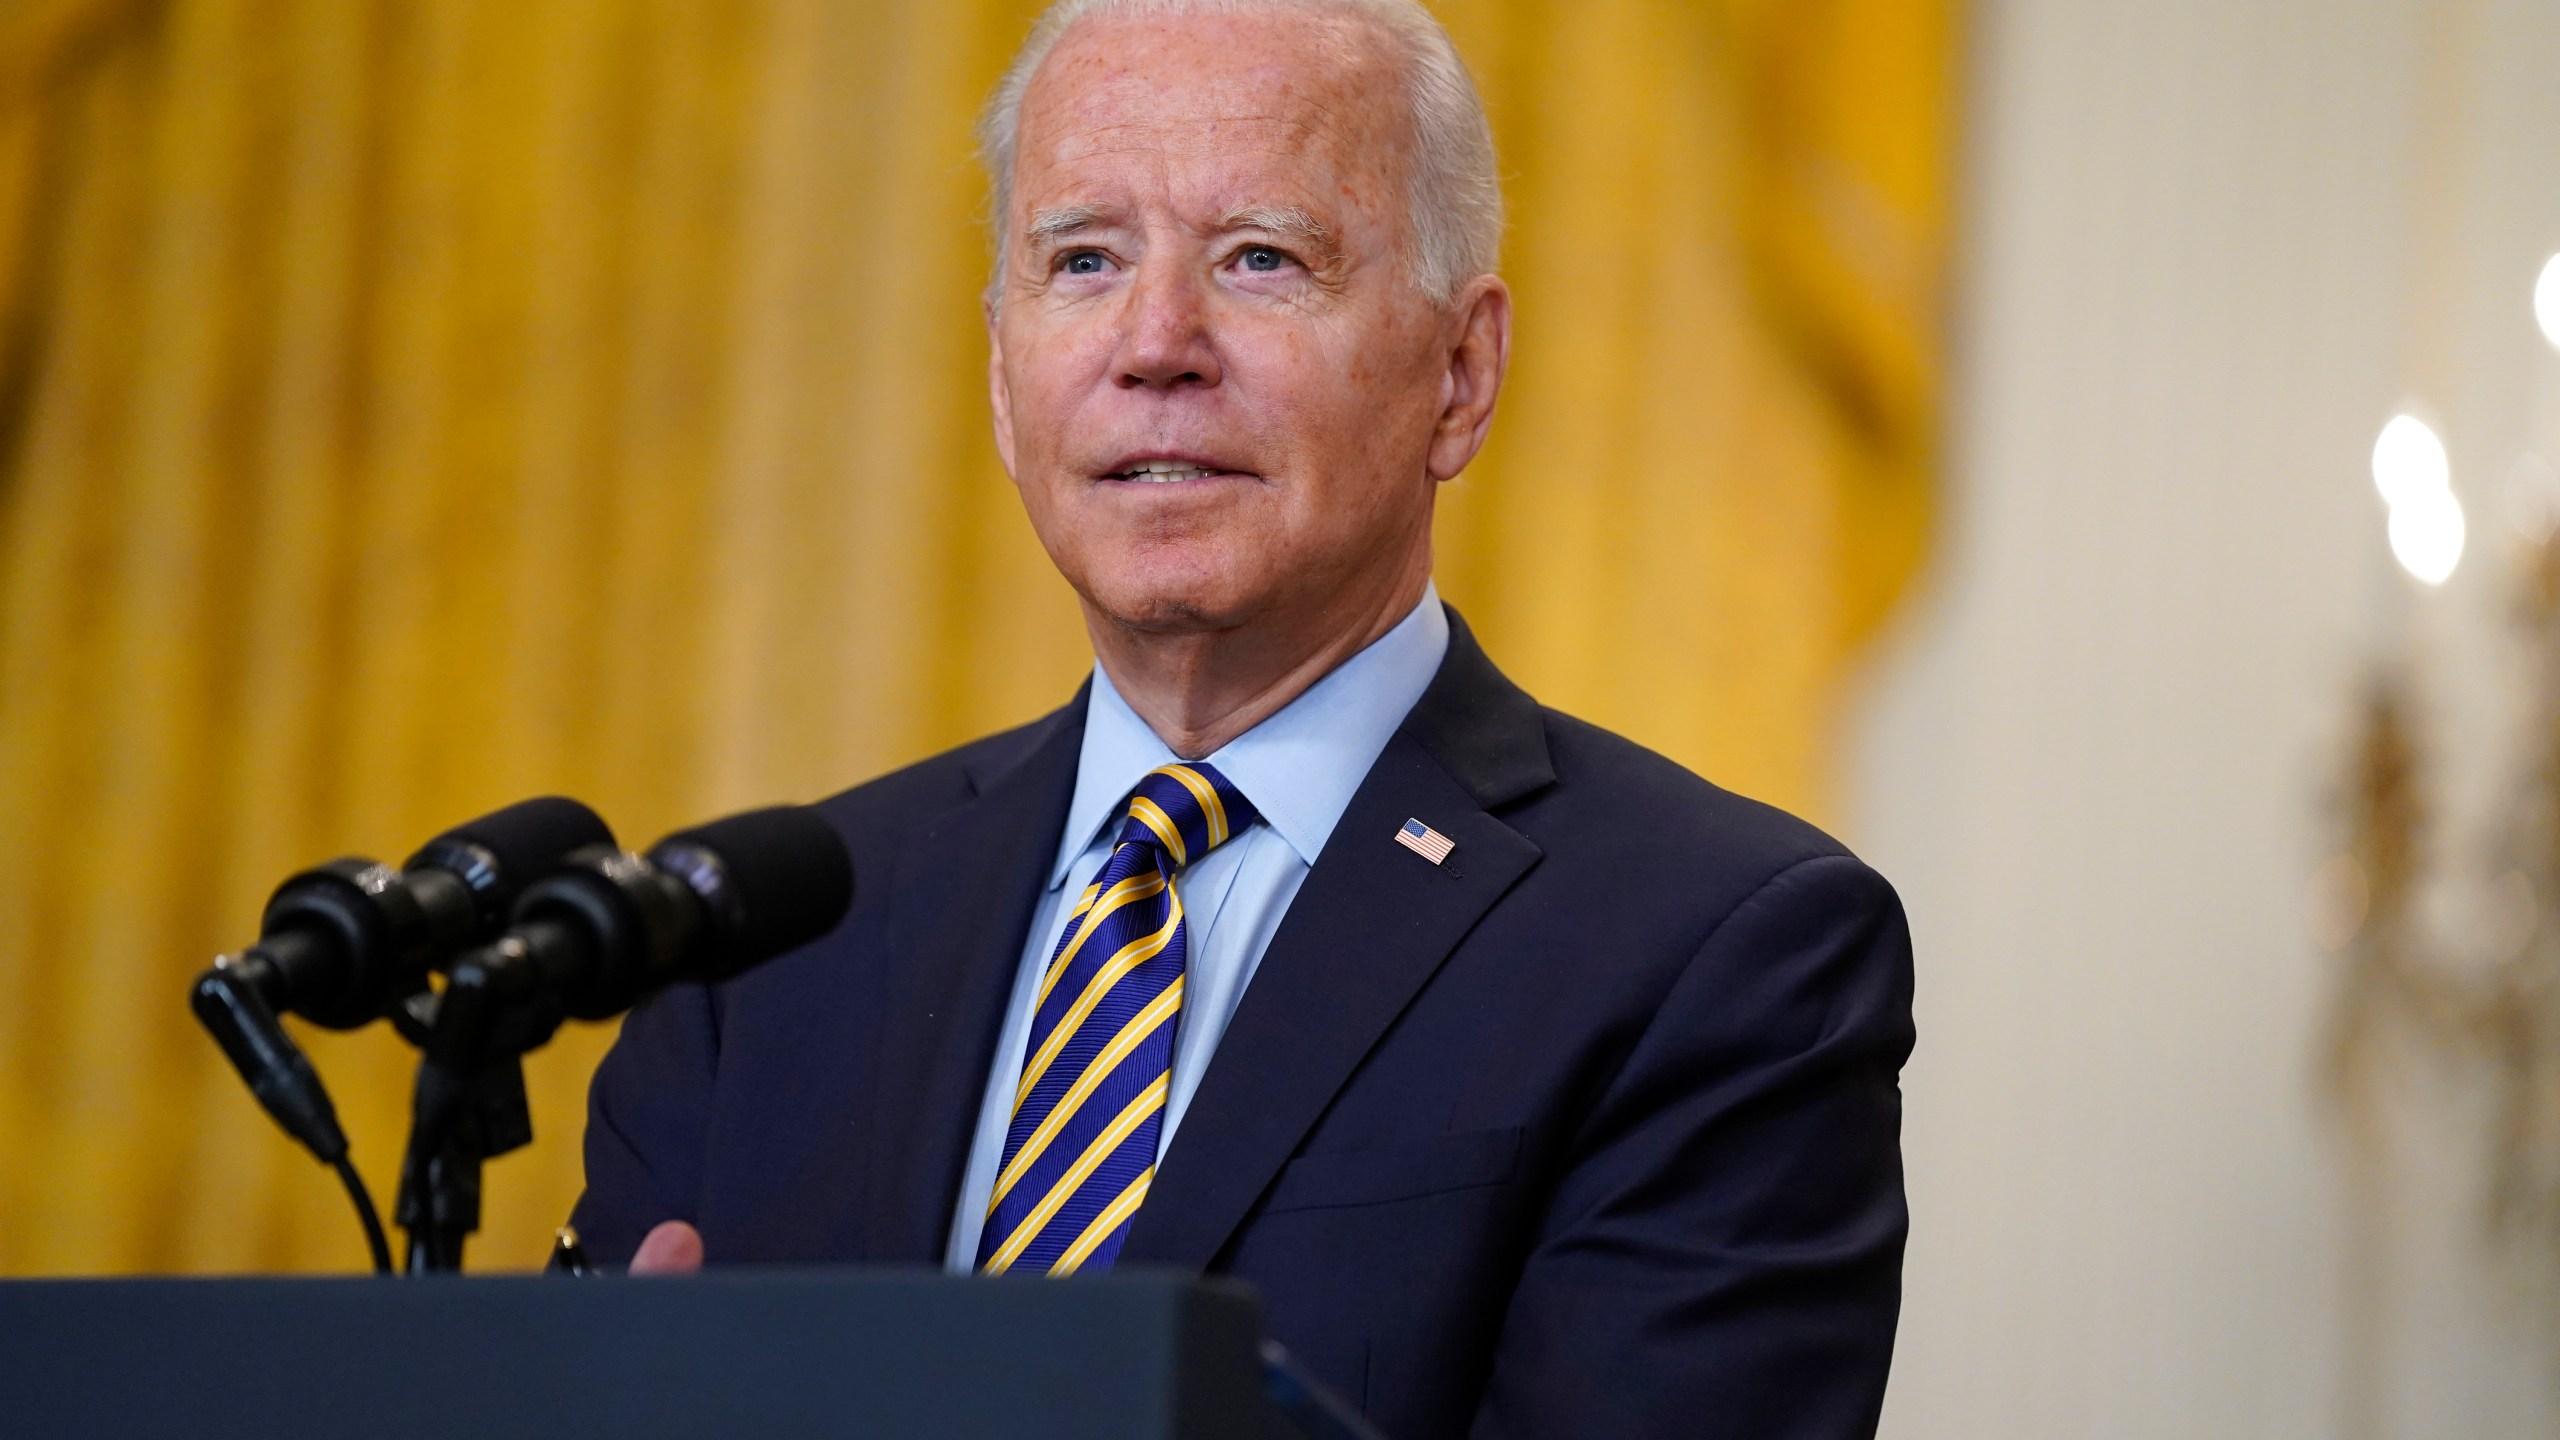 More competition: Biden signs order targeting big business – KETK.com | FOX51.com